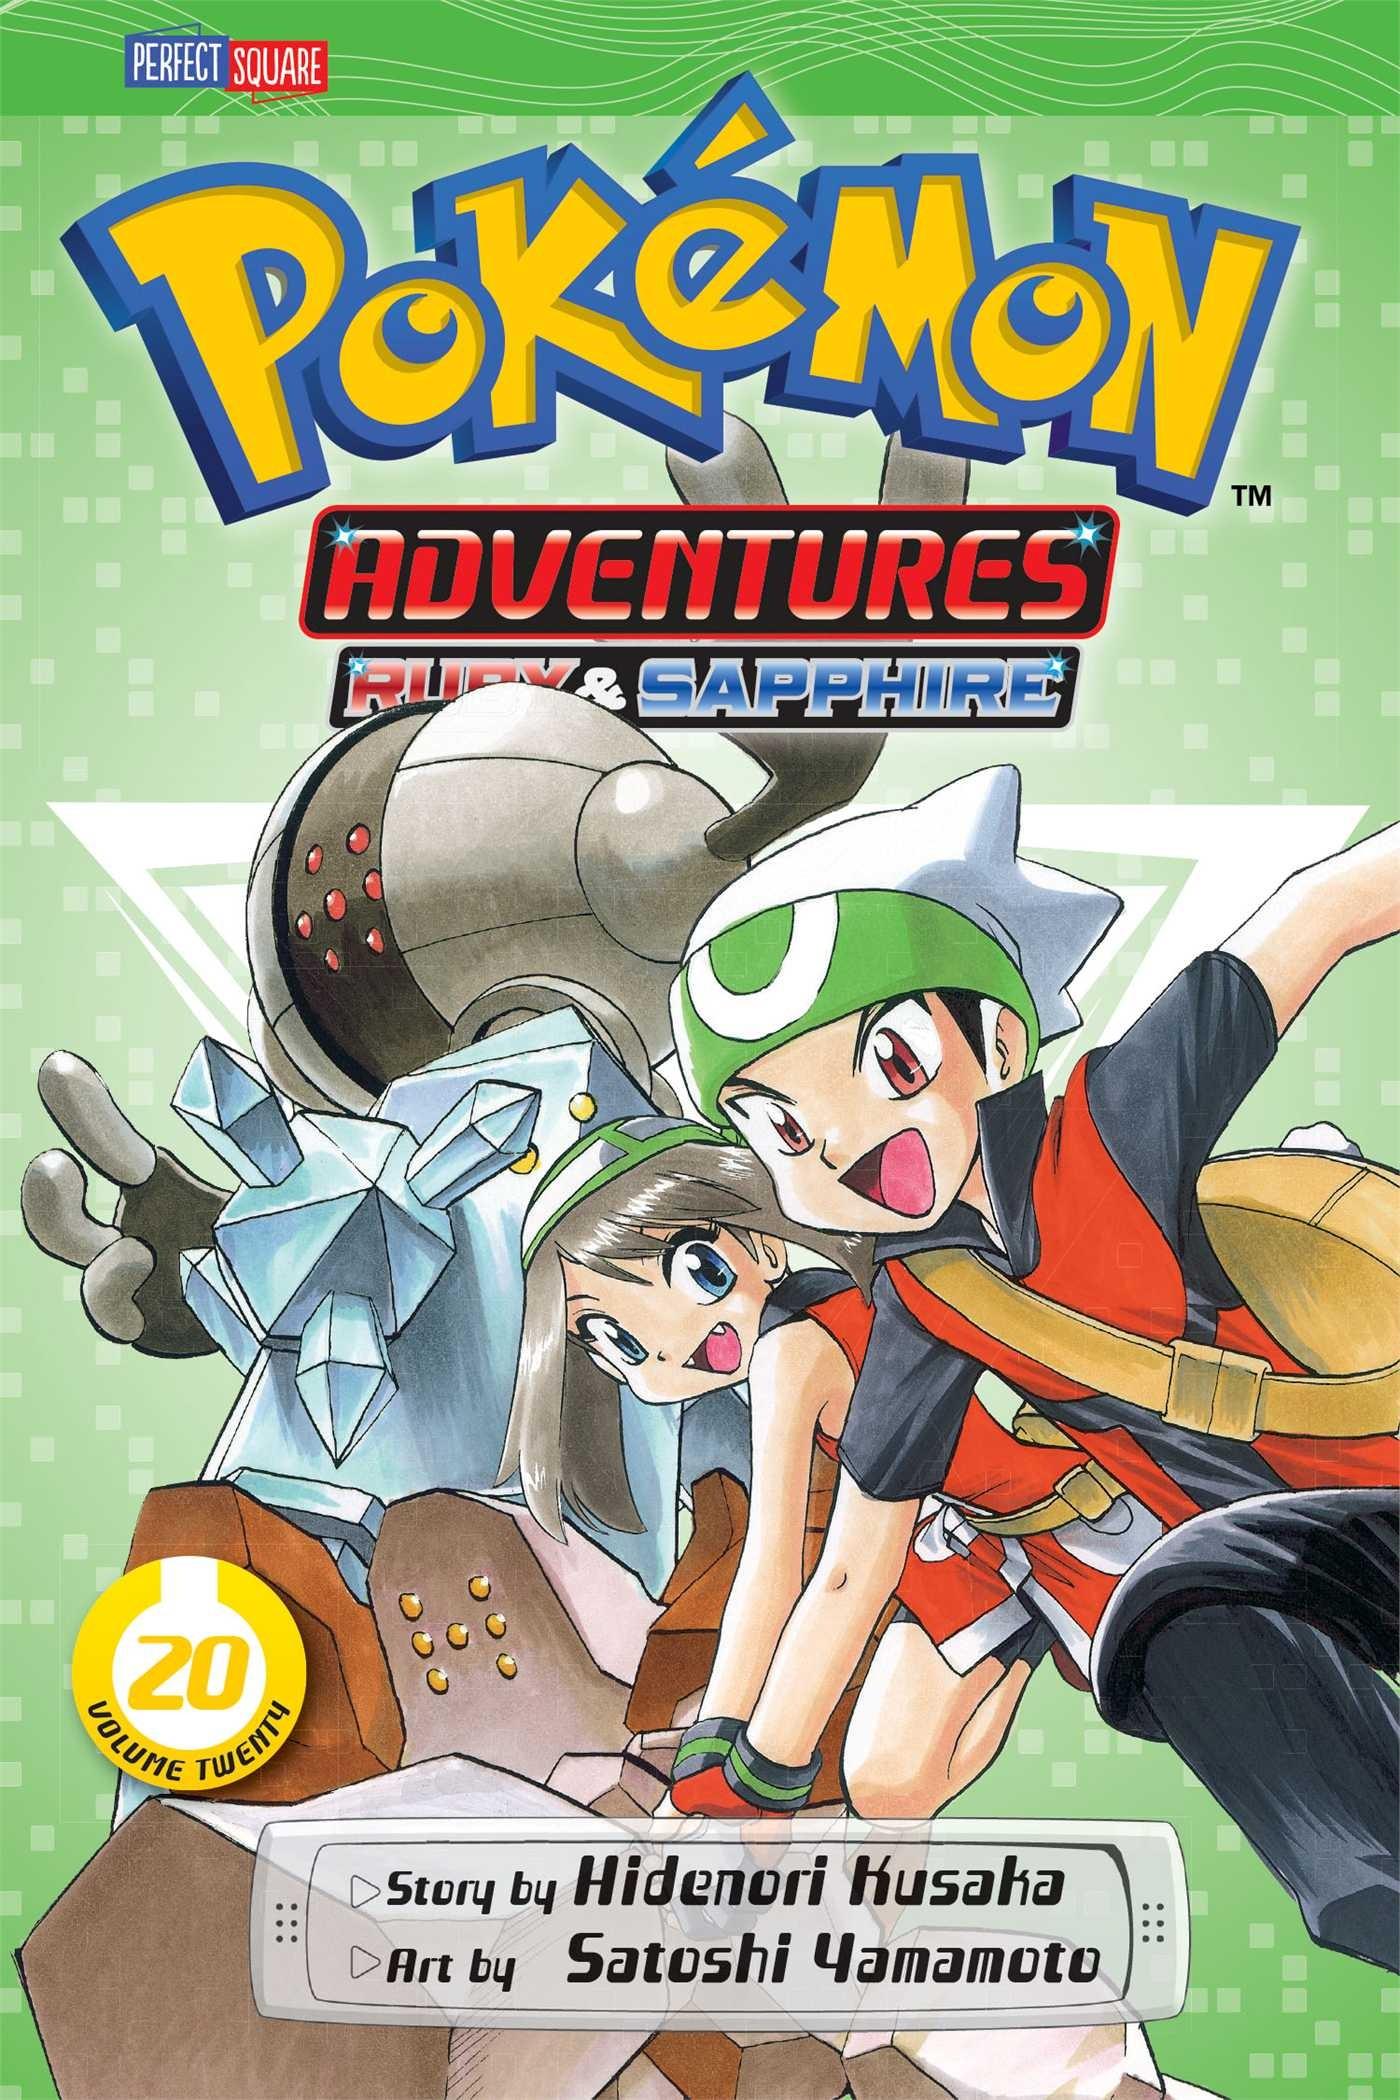 Pokémon Adventures, Vol. 20 by Hidenori Kusaka